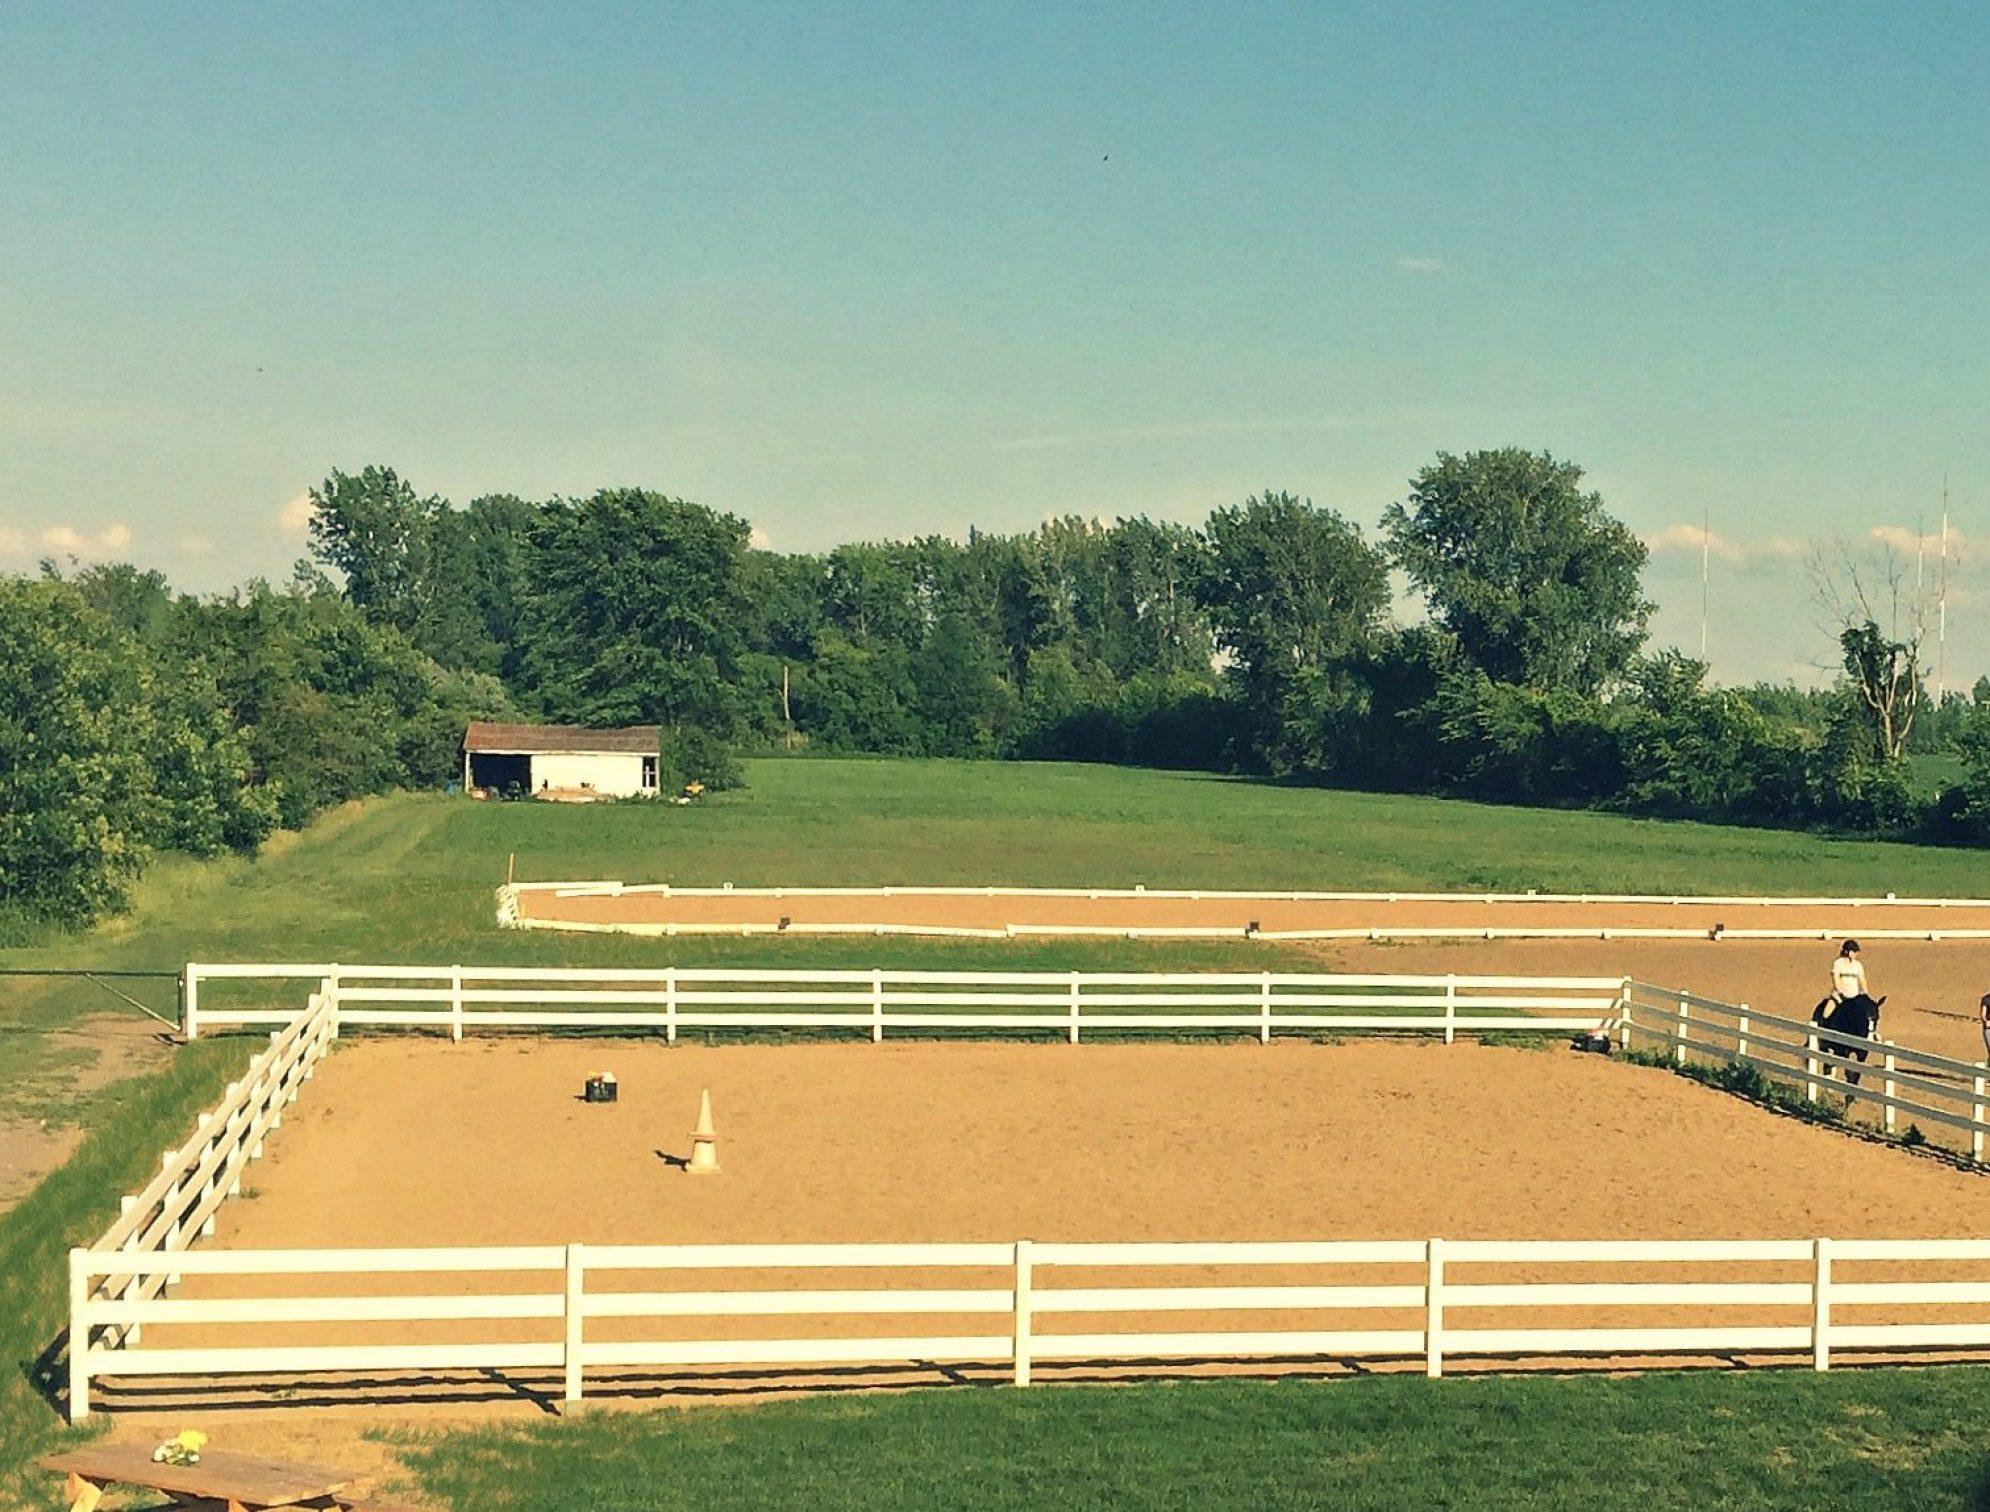 Cours d'équitation, selle classique, dressage et saut d'obstacles en Montérégie.